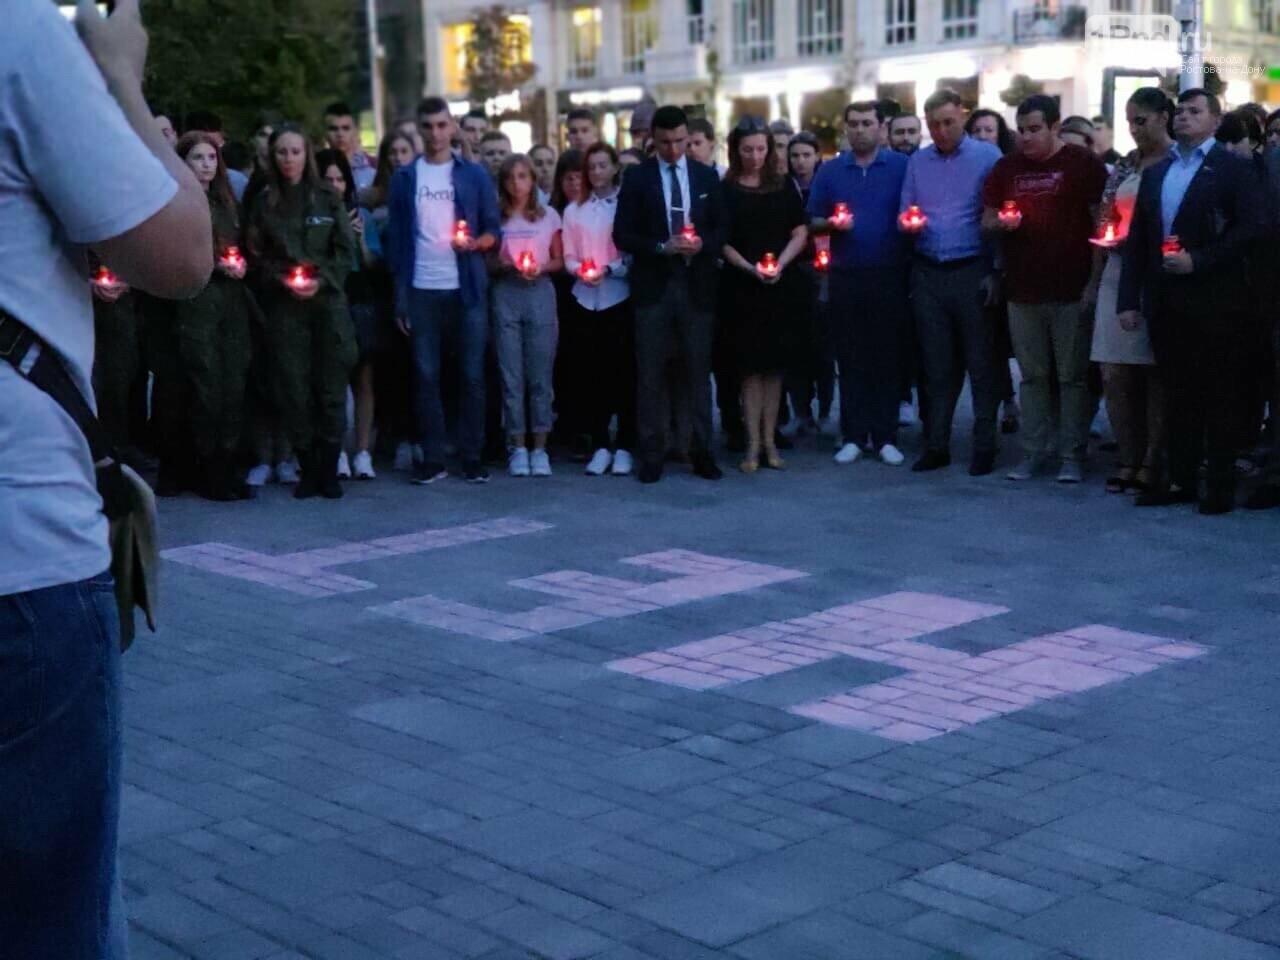 Ростовчане выложили из свечей слово «Нет» в память о жертвах теракта в Беслане , фото-1